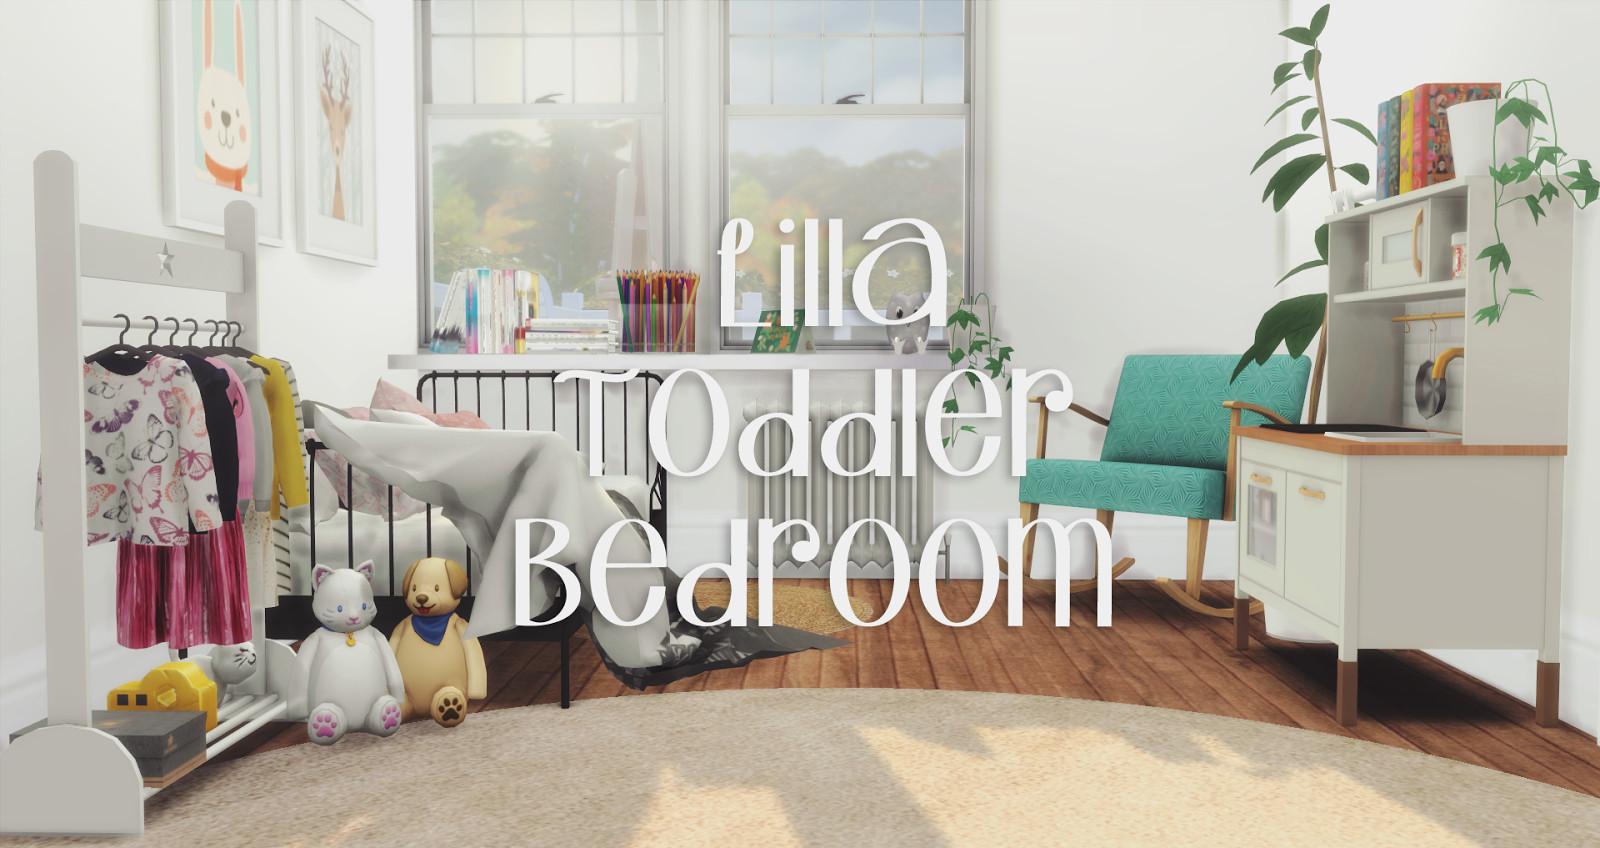 Toddler Bedroom Furniture Set Elegant Lilla toddler Bedroom New Set